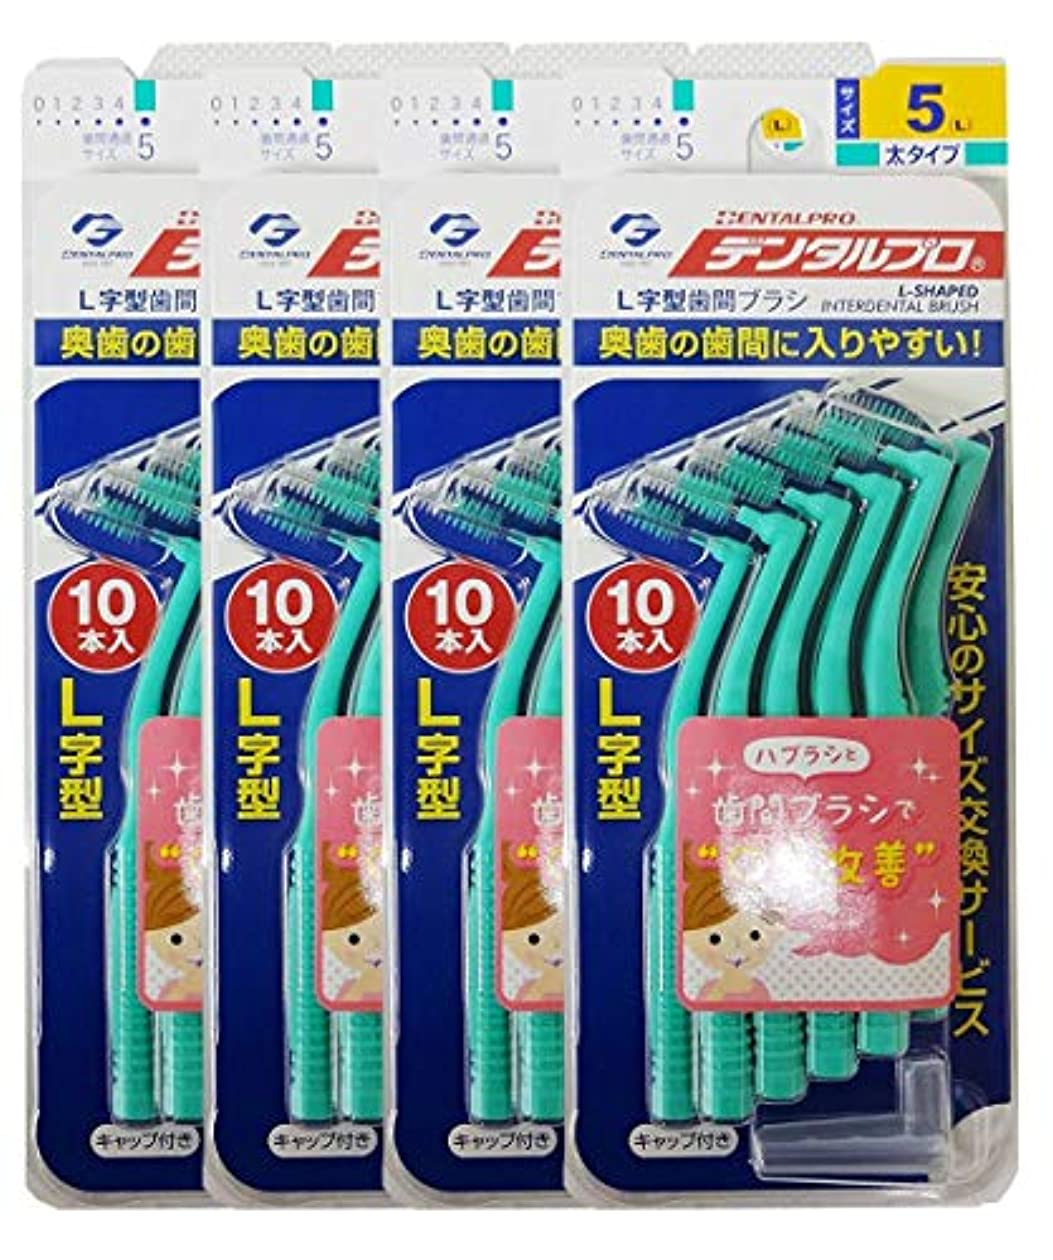 適度な星無心デンタルプロ 歯間ブラシ L字型 サイズ5(L) 10本入り × 4個セット